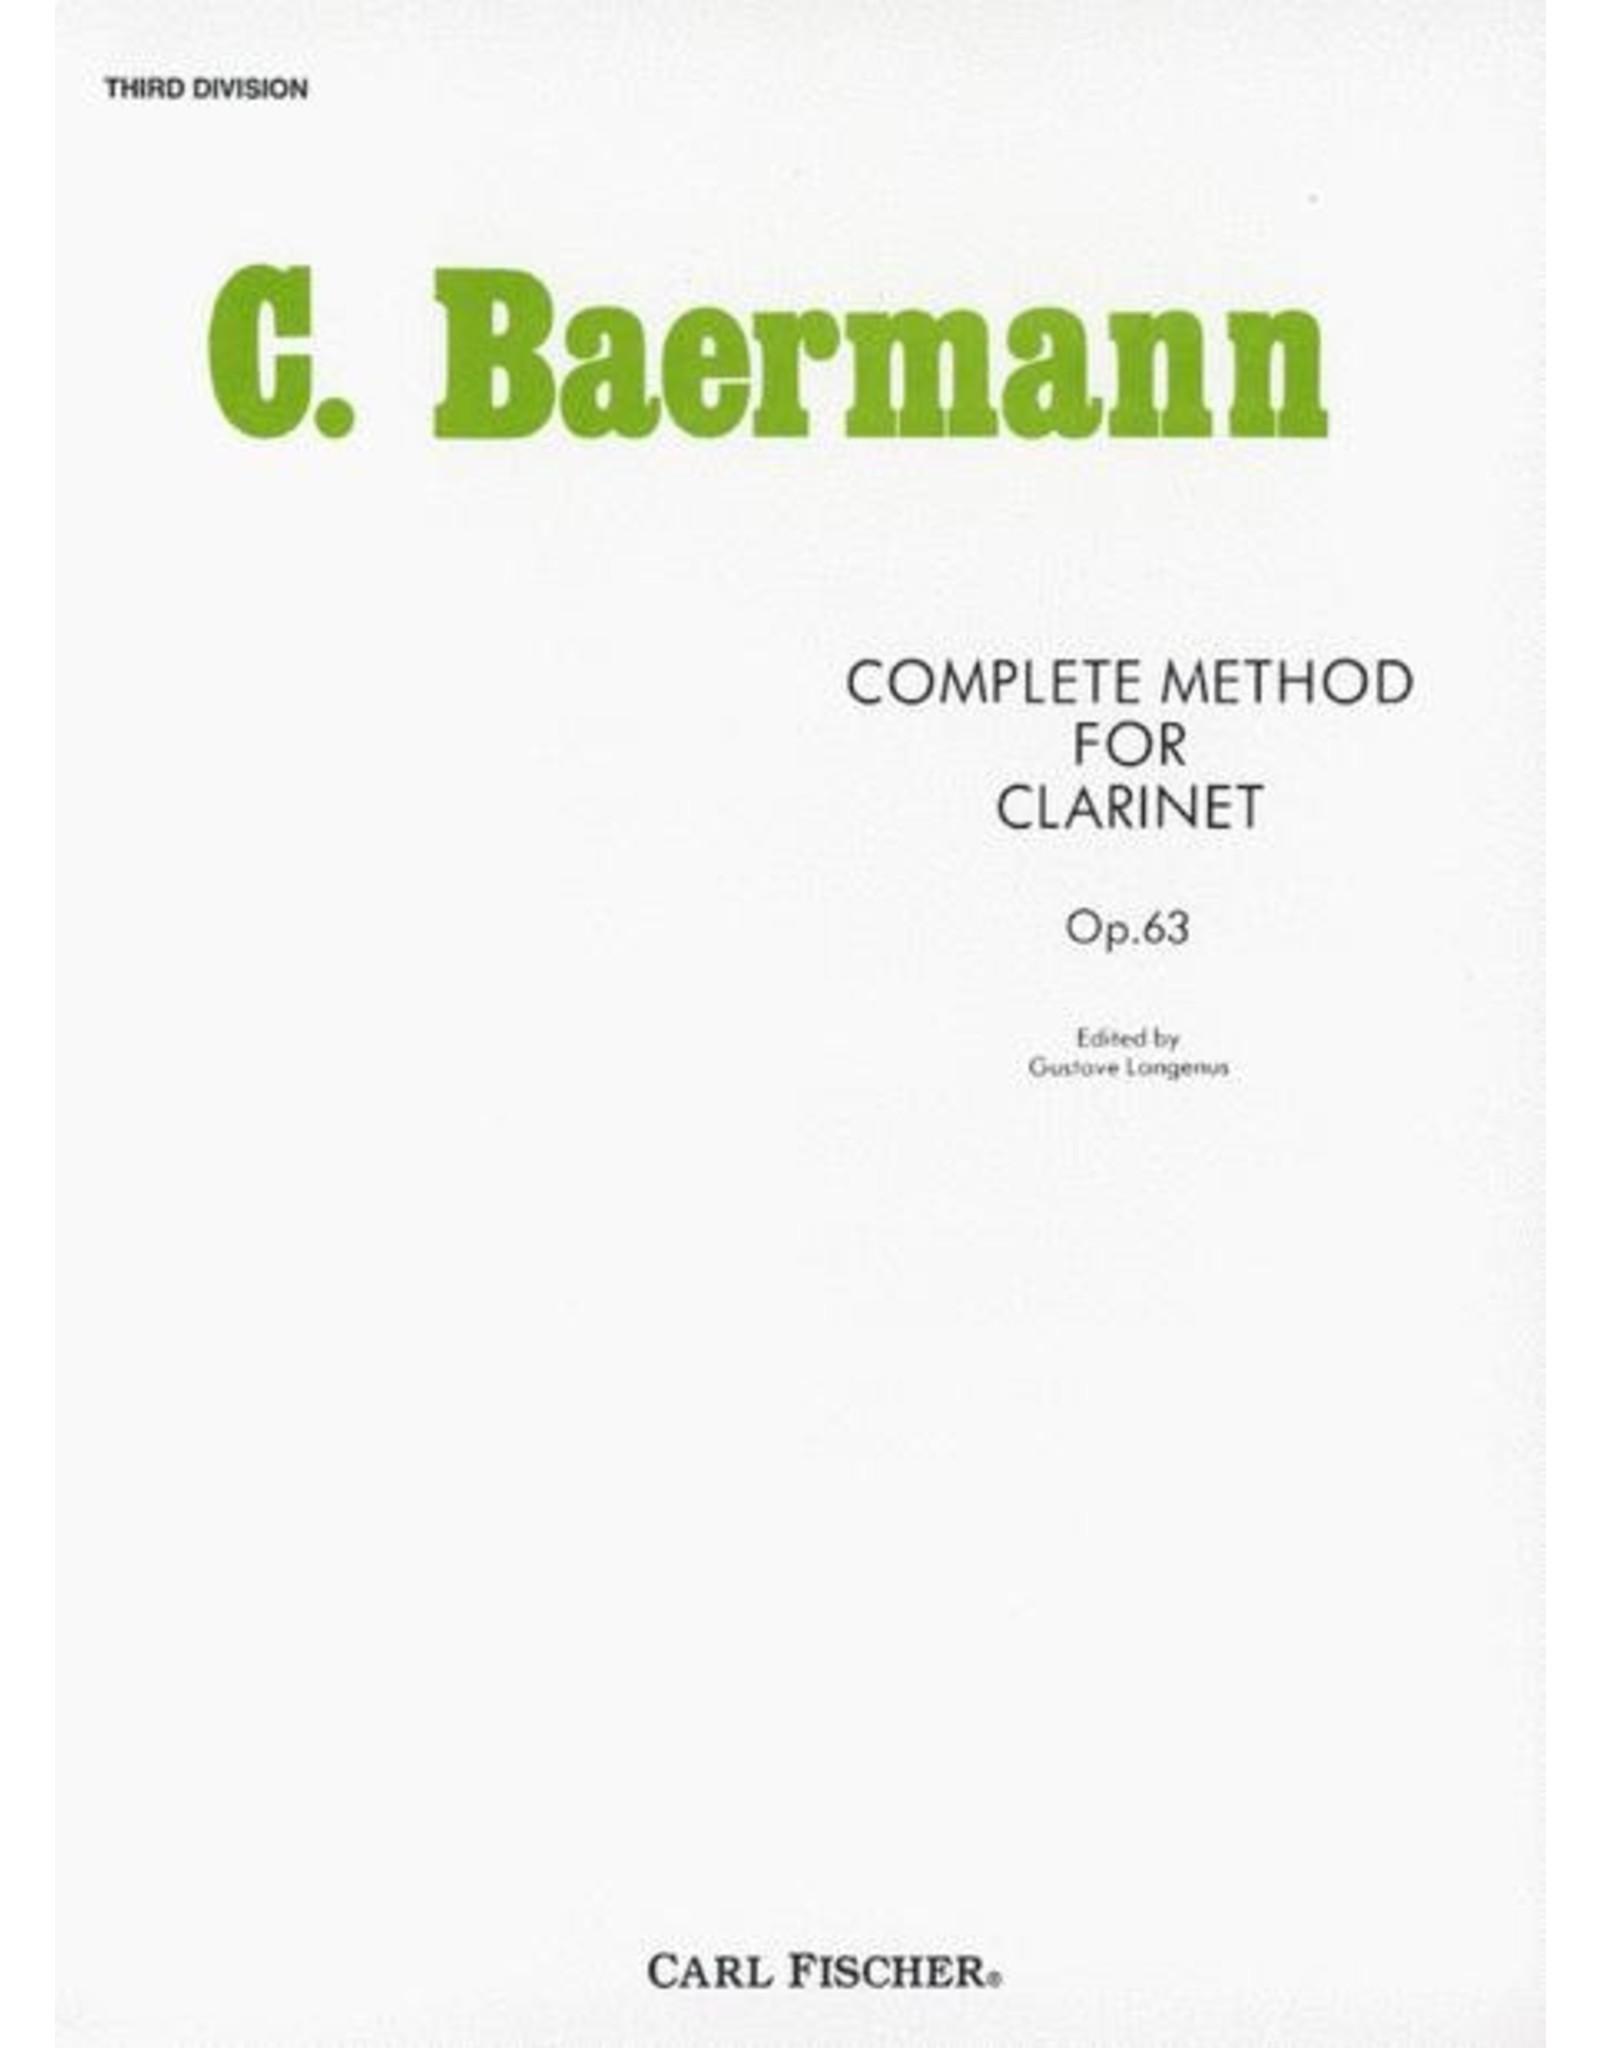 Carl Fischer LLC C. Baermann Complete Method For Clarinet